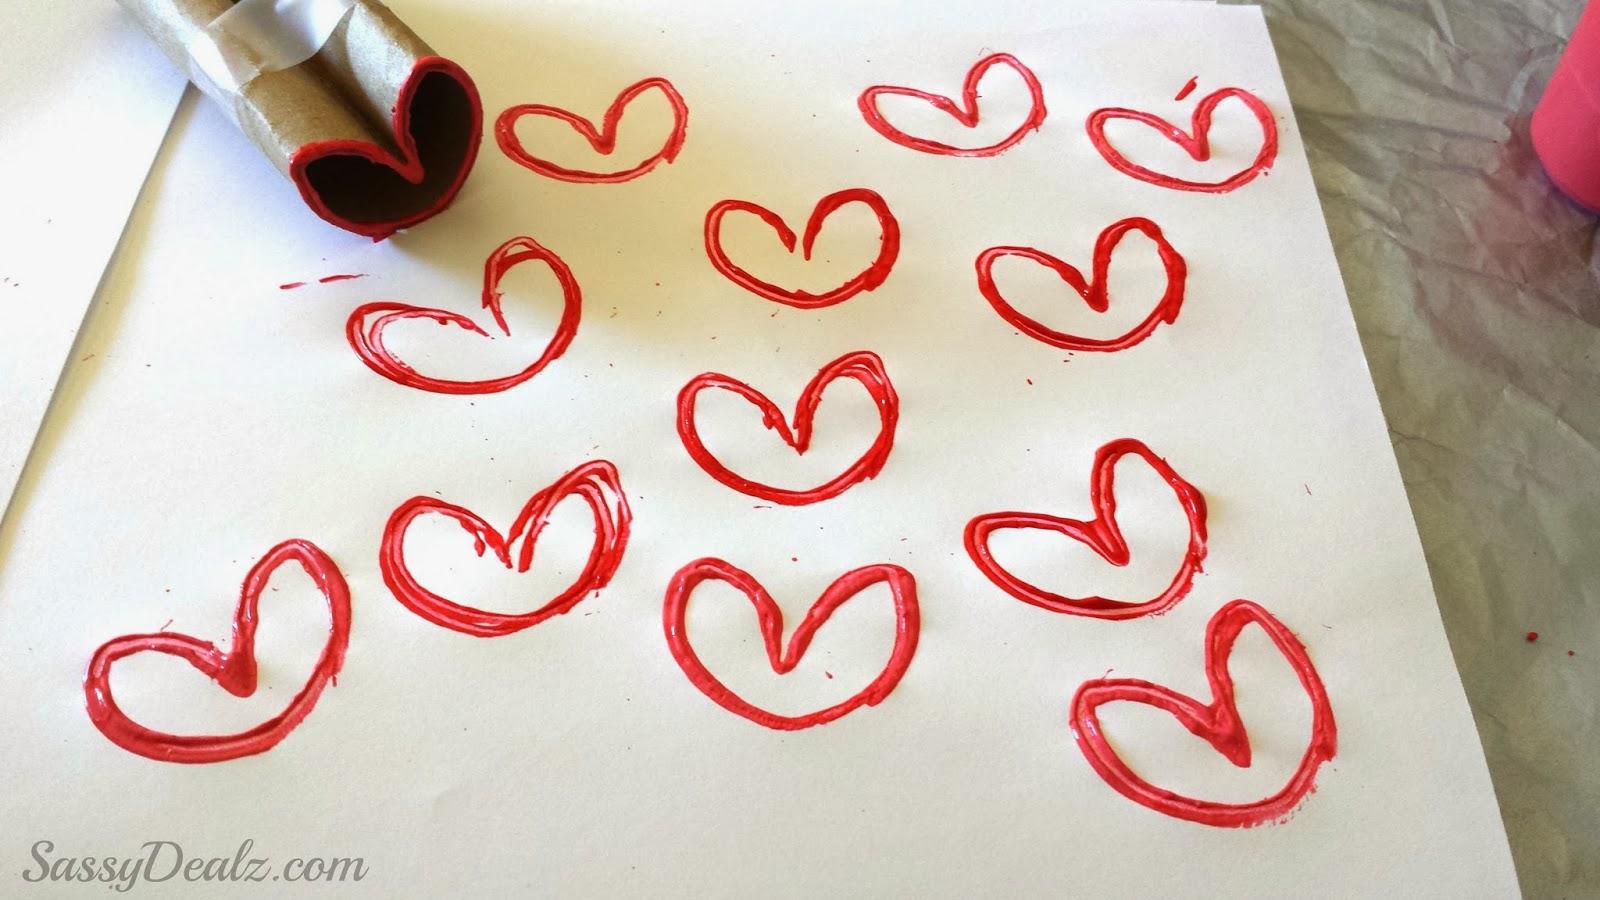 DIY Heart Stamp Using Toilet Paper Rolls (Kids Valentines Craft ...